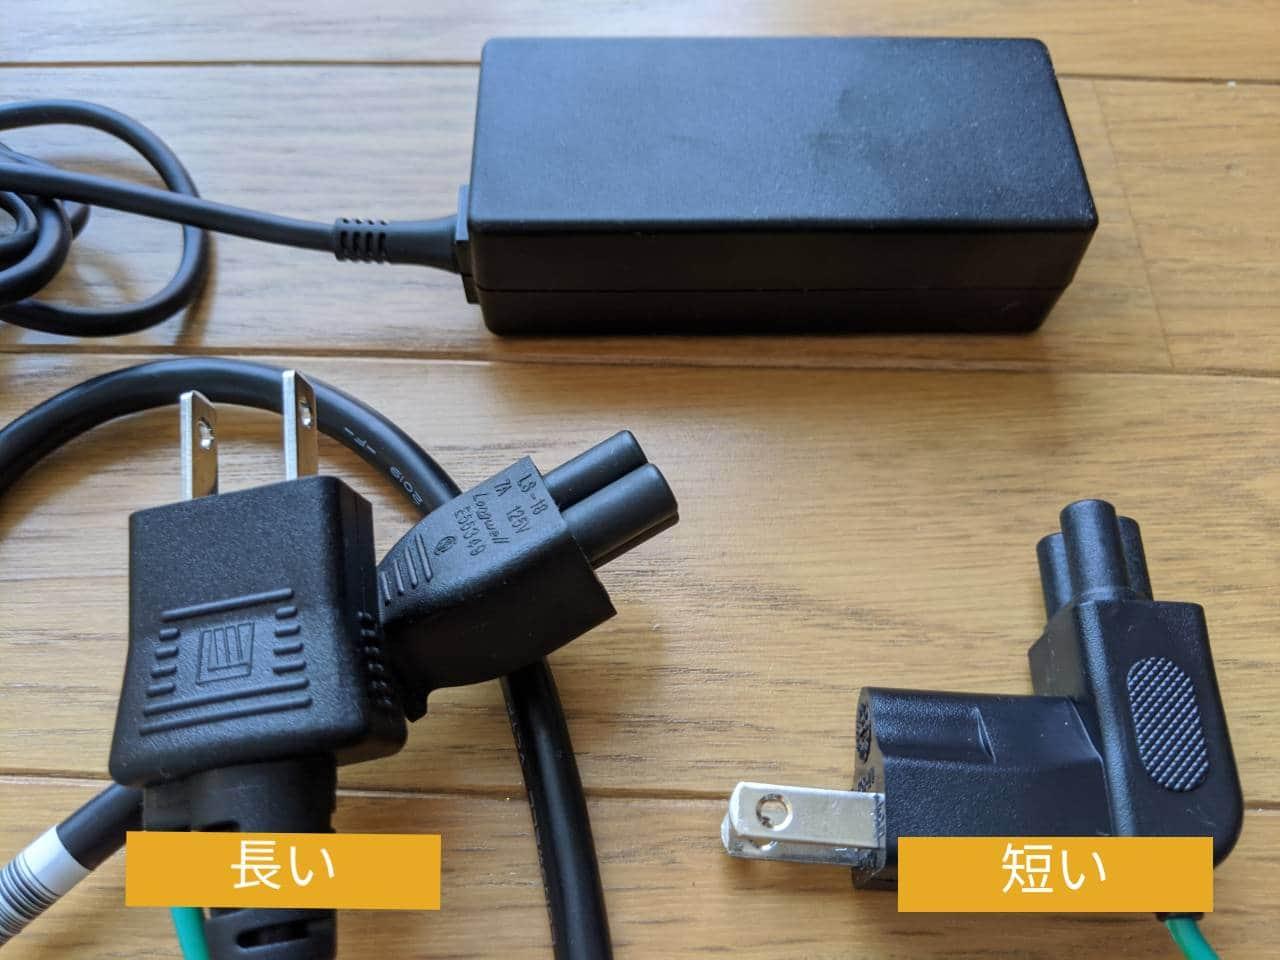 ACアダプタの二種類の電源